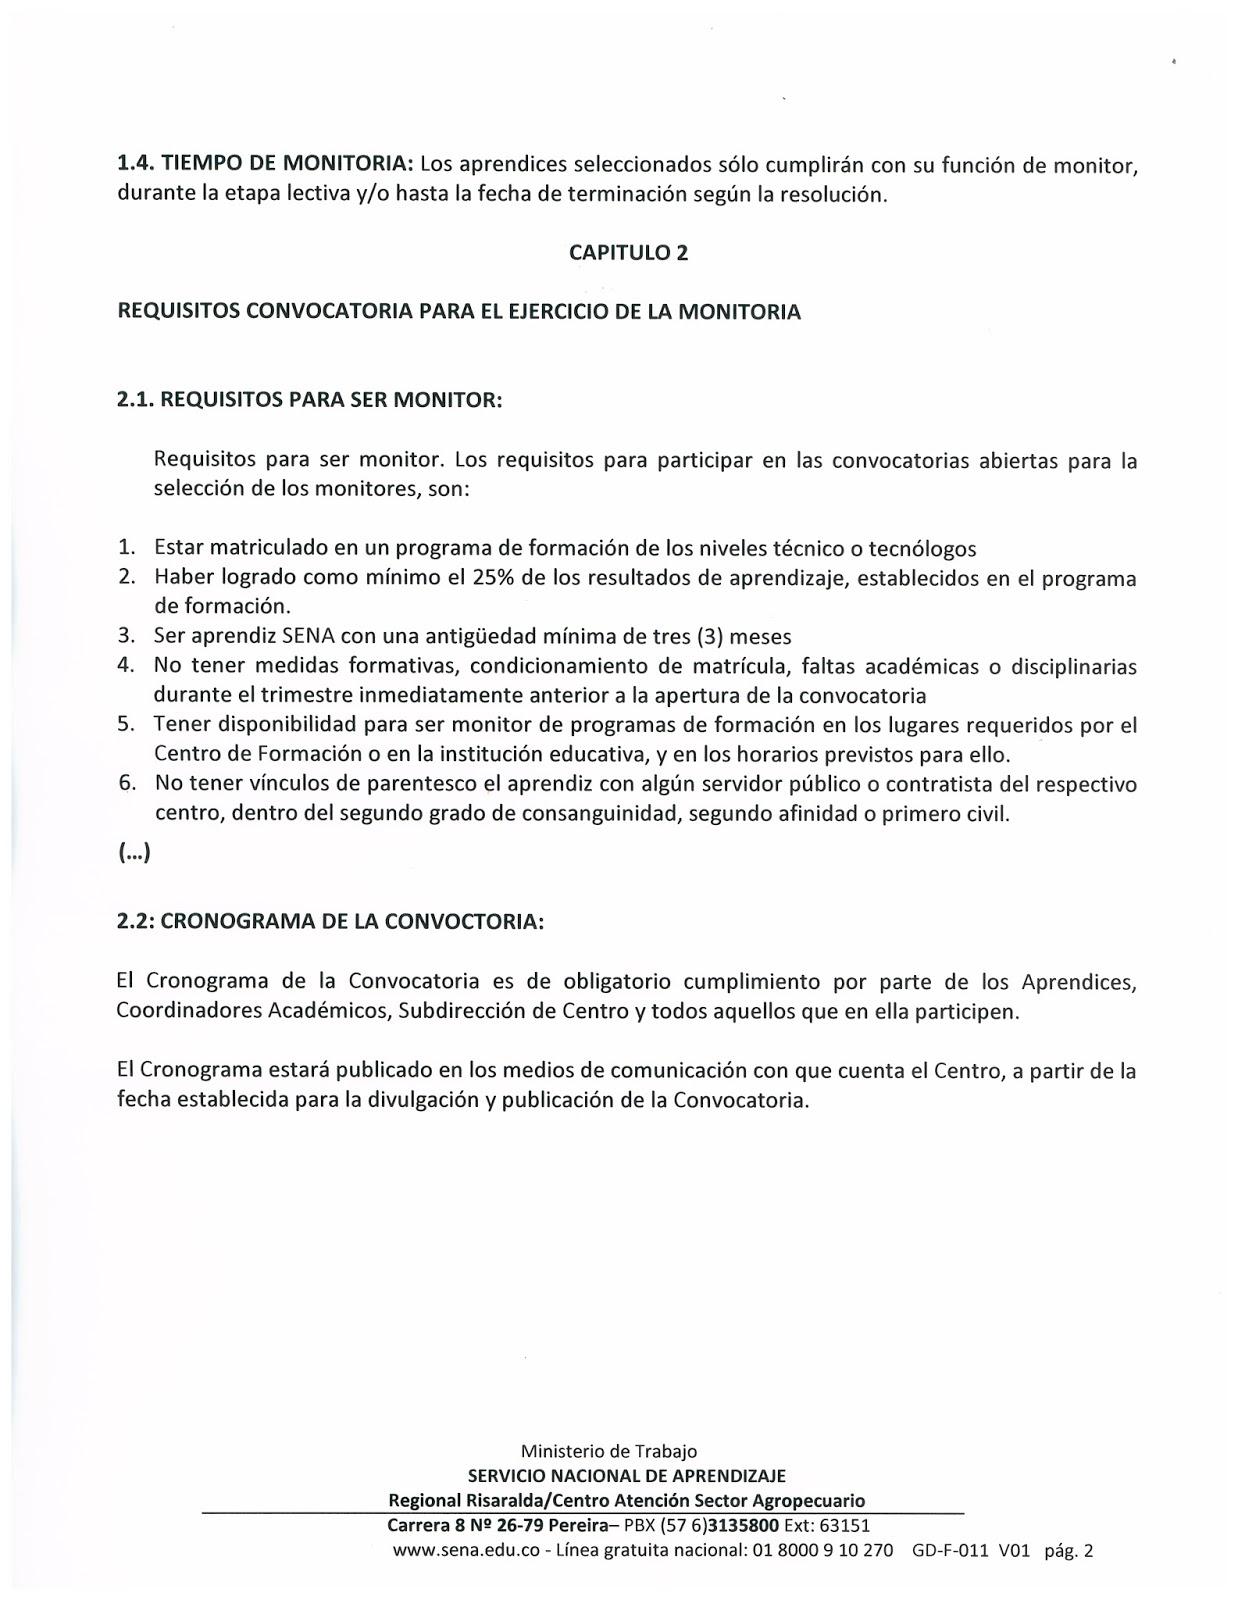 Centro de Atención al Sector Agropecuario: 2016